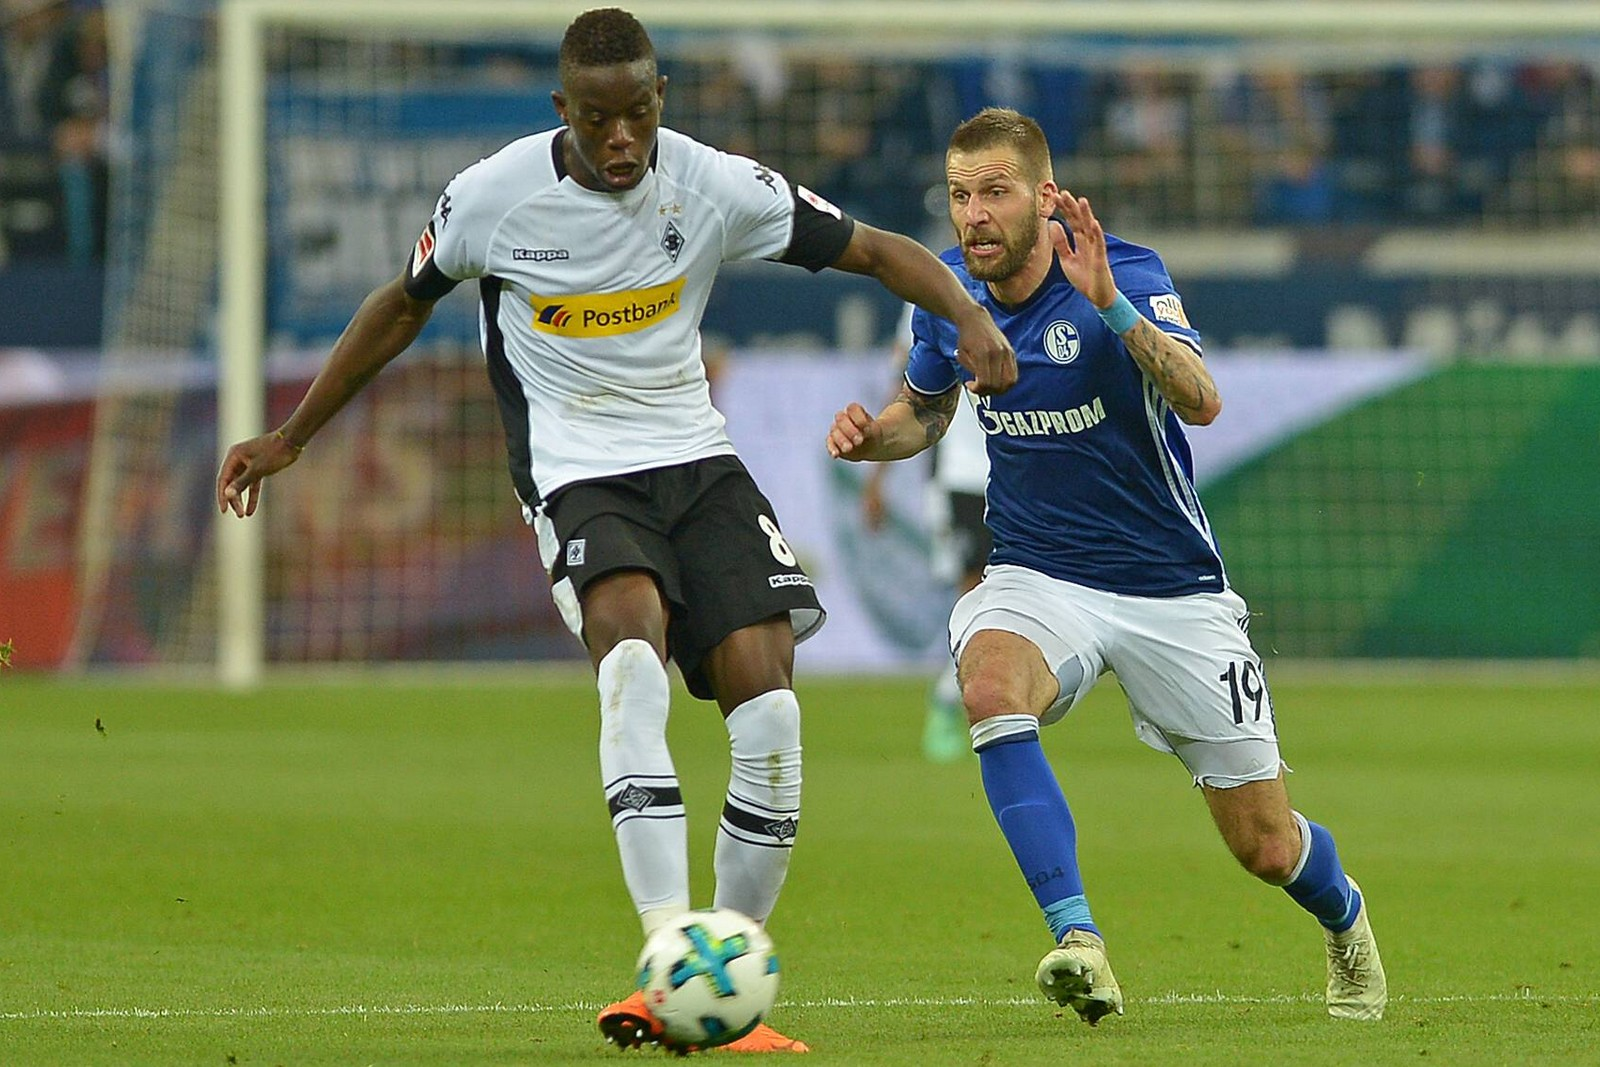 Setzt sich Zakaria gegen Burgstaller durch? Jetzt auf Gladbach gegen Schalke wetten